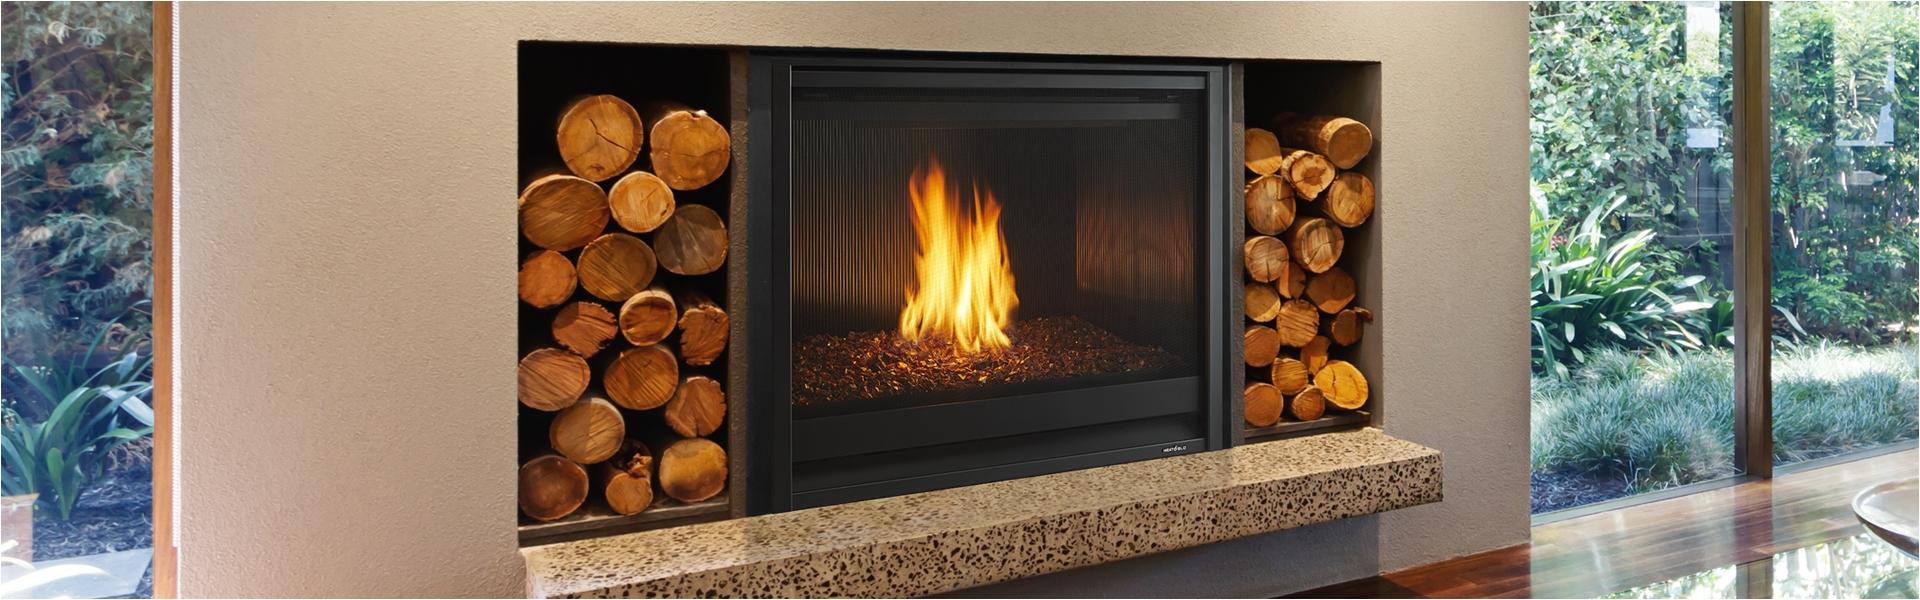 Heat N Glo Electric Fireplace Parts Heat Glo 6000 Modern Gas Fireplace Best Fire Hearth Patio